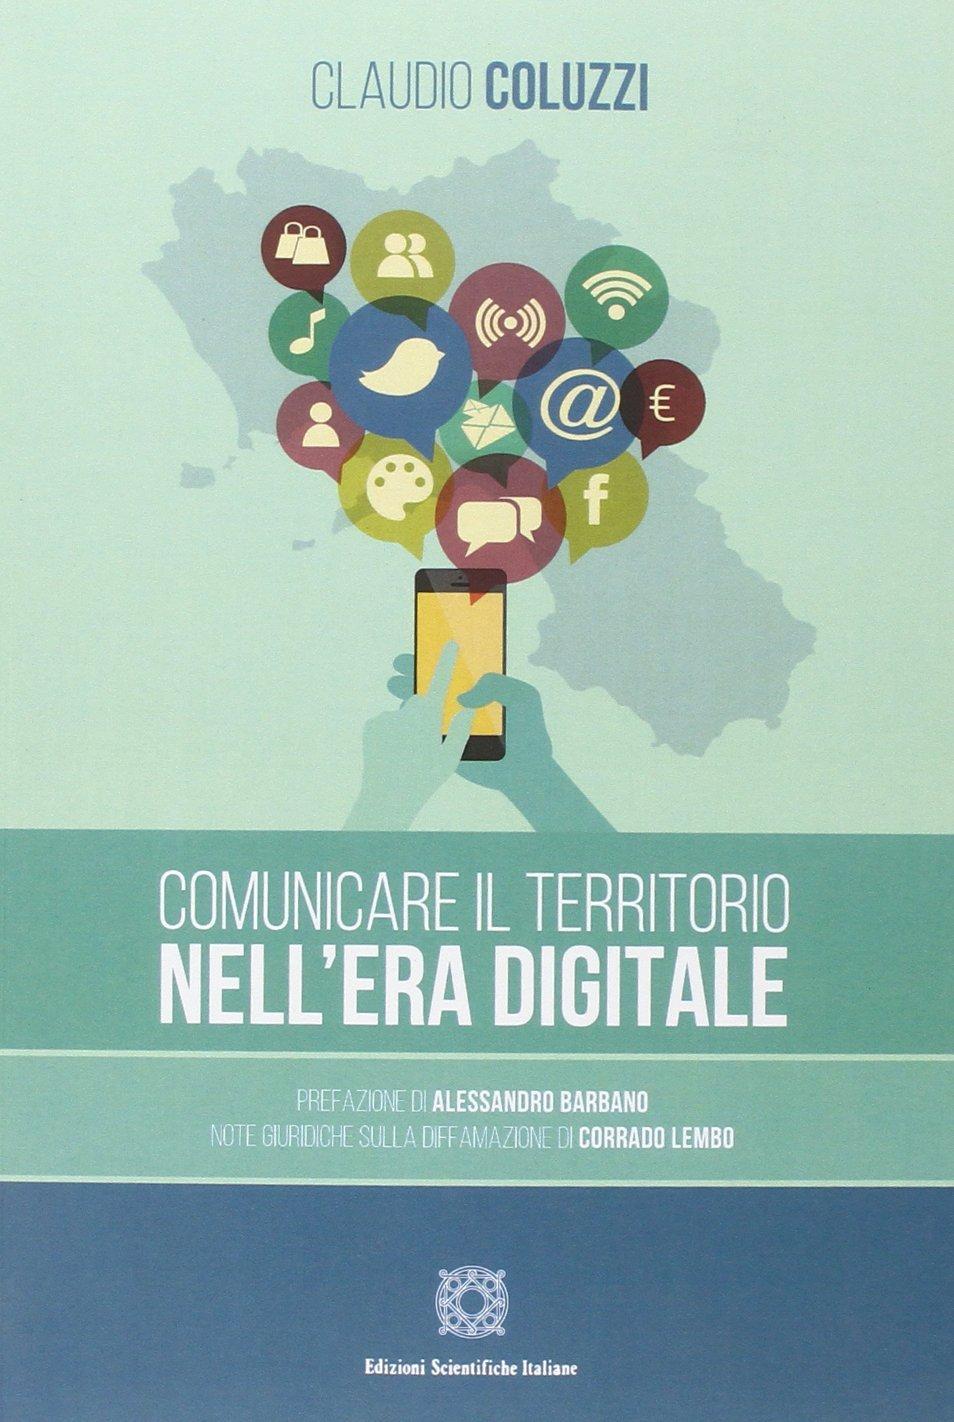 Comunicare il territorio nell'era digitale